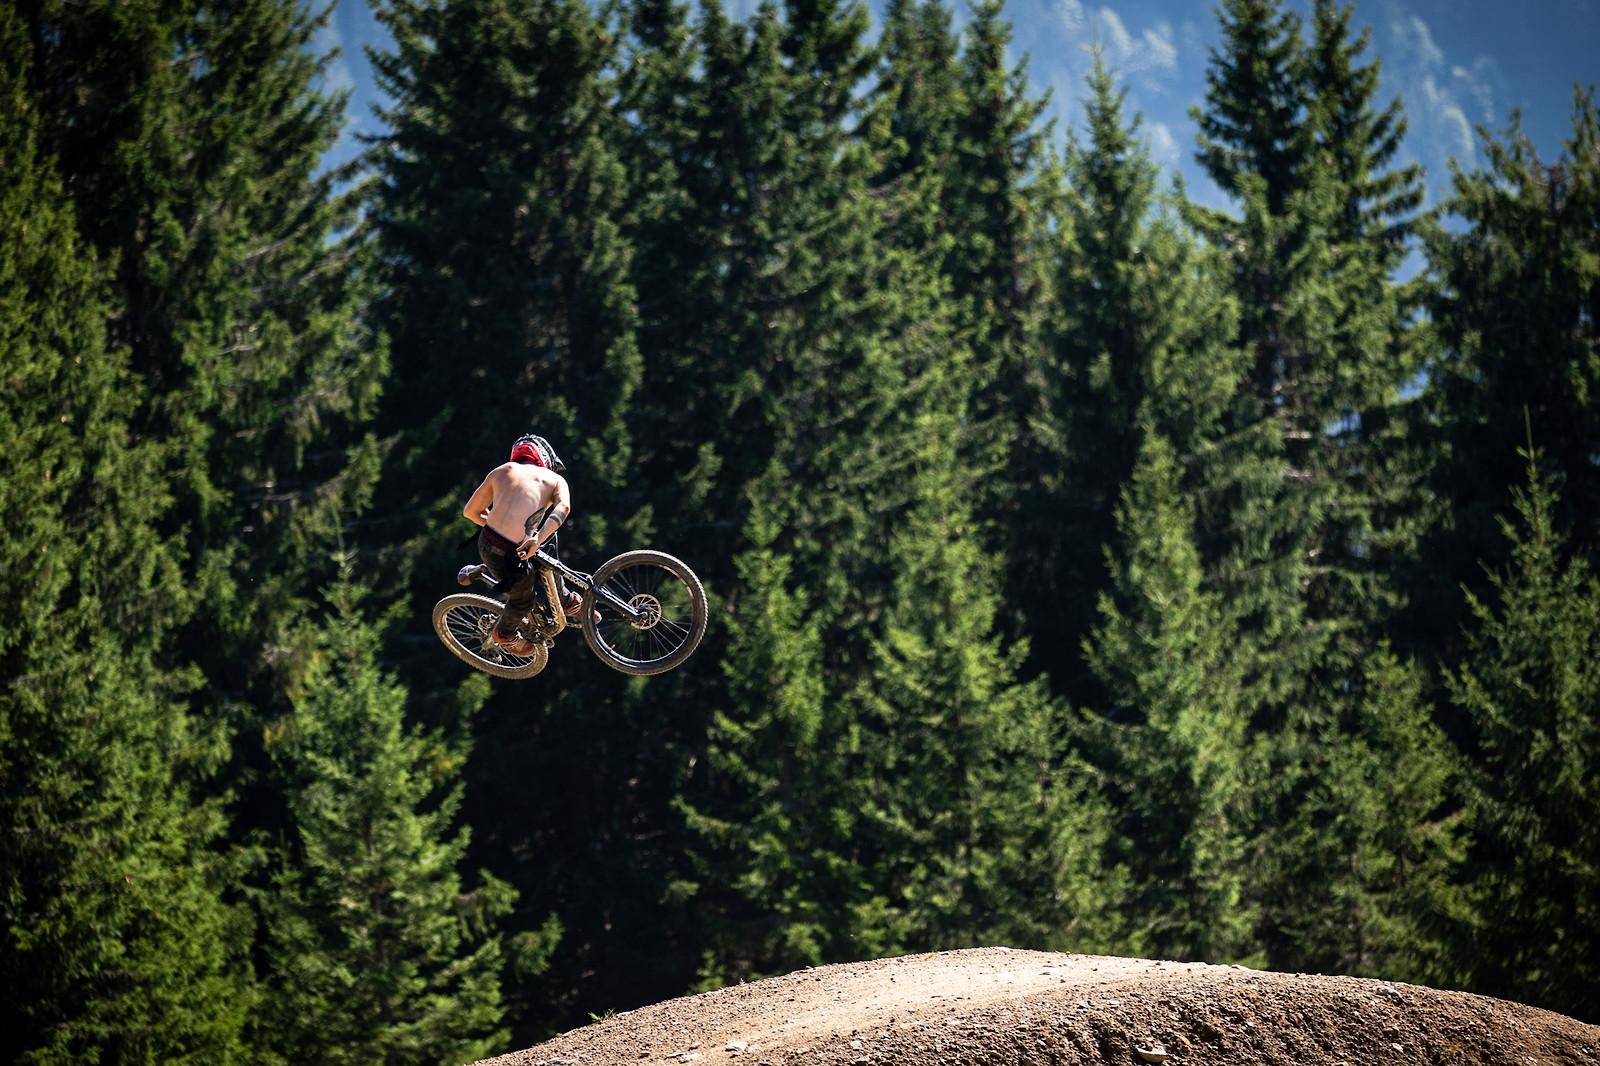 24A1147 - Entwoane - Mountain Biking Pictures - Vital MTB